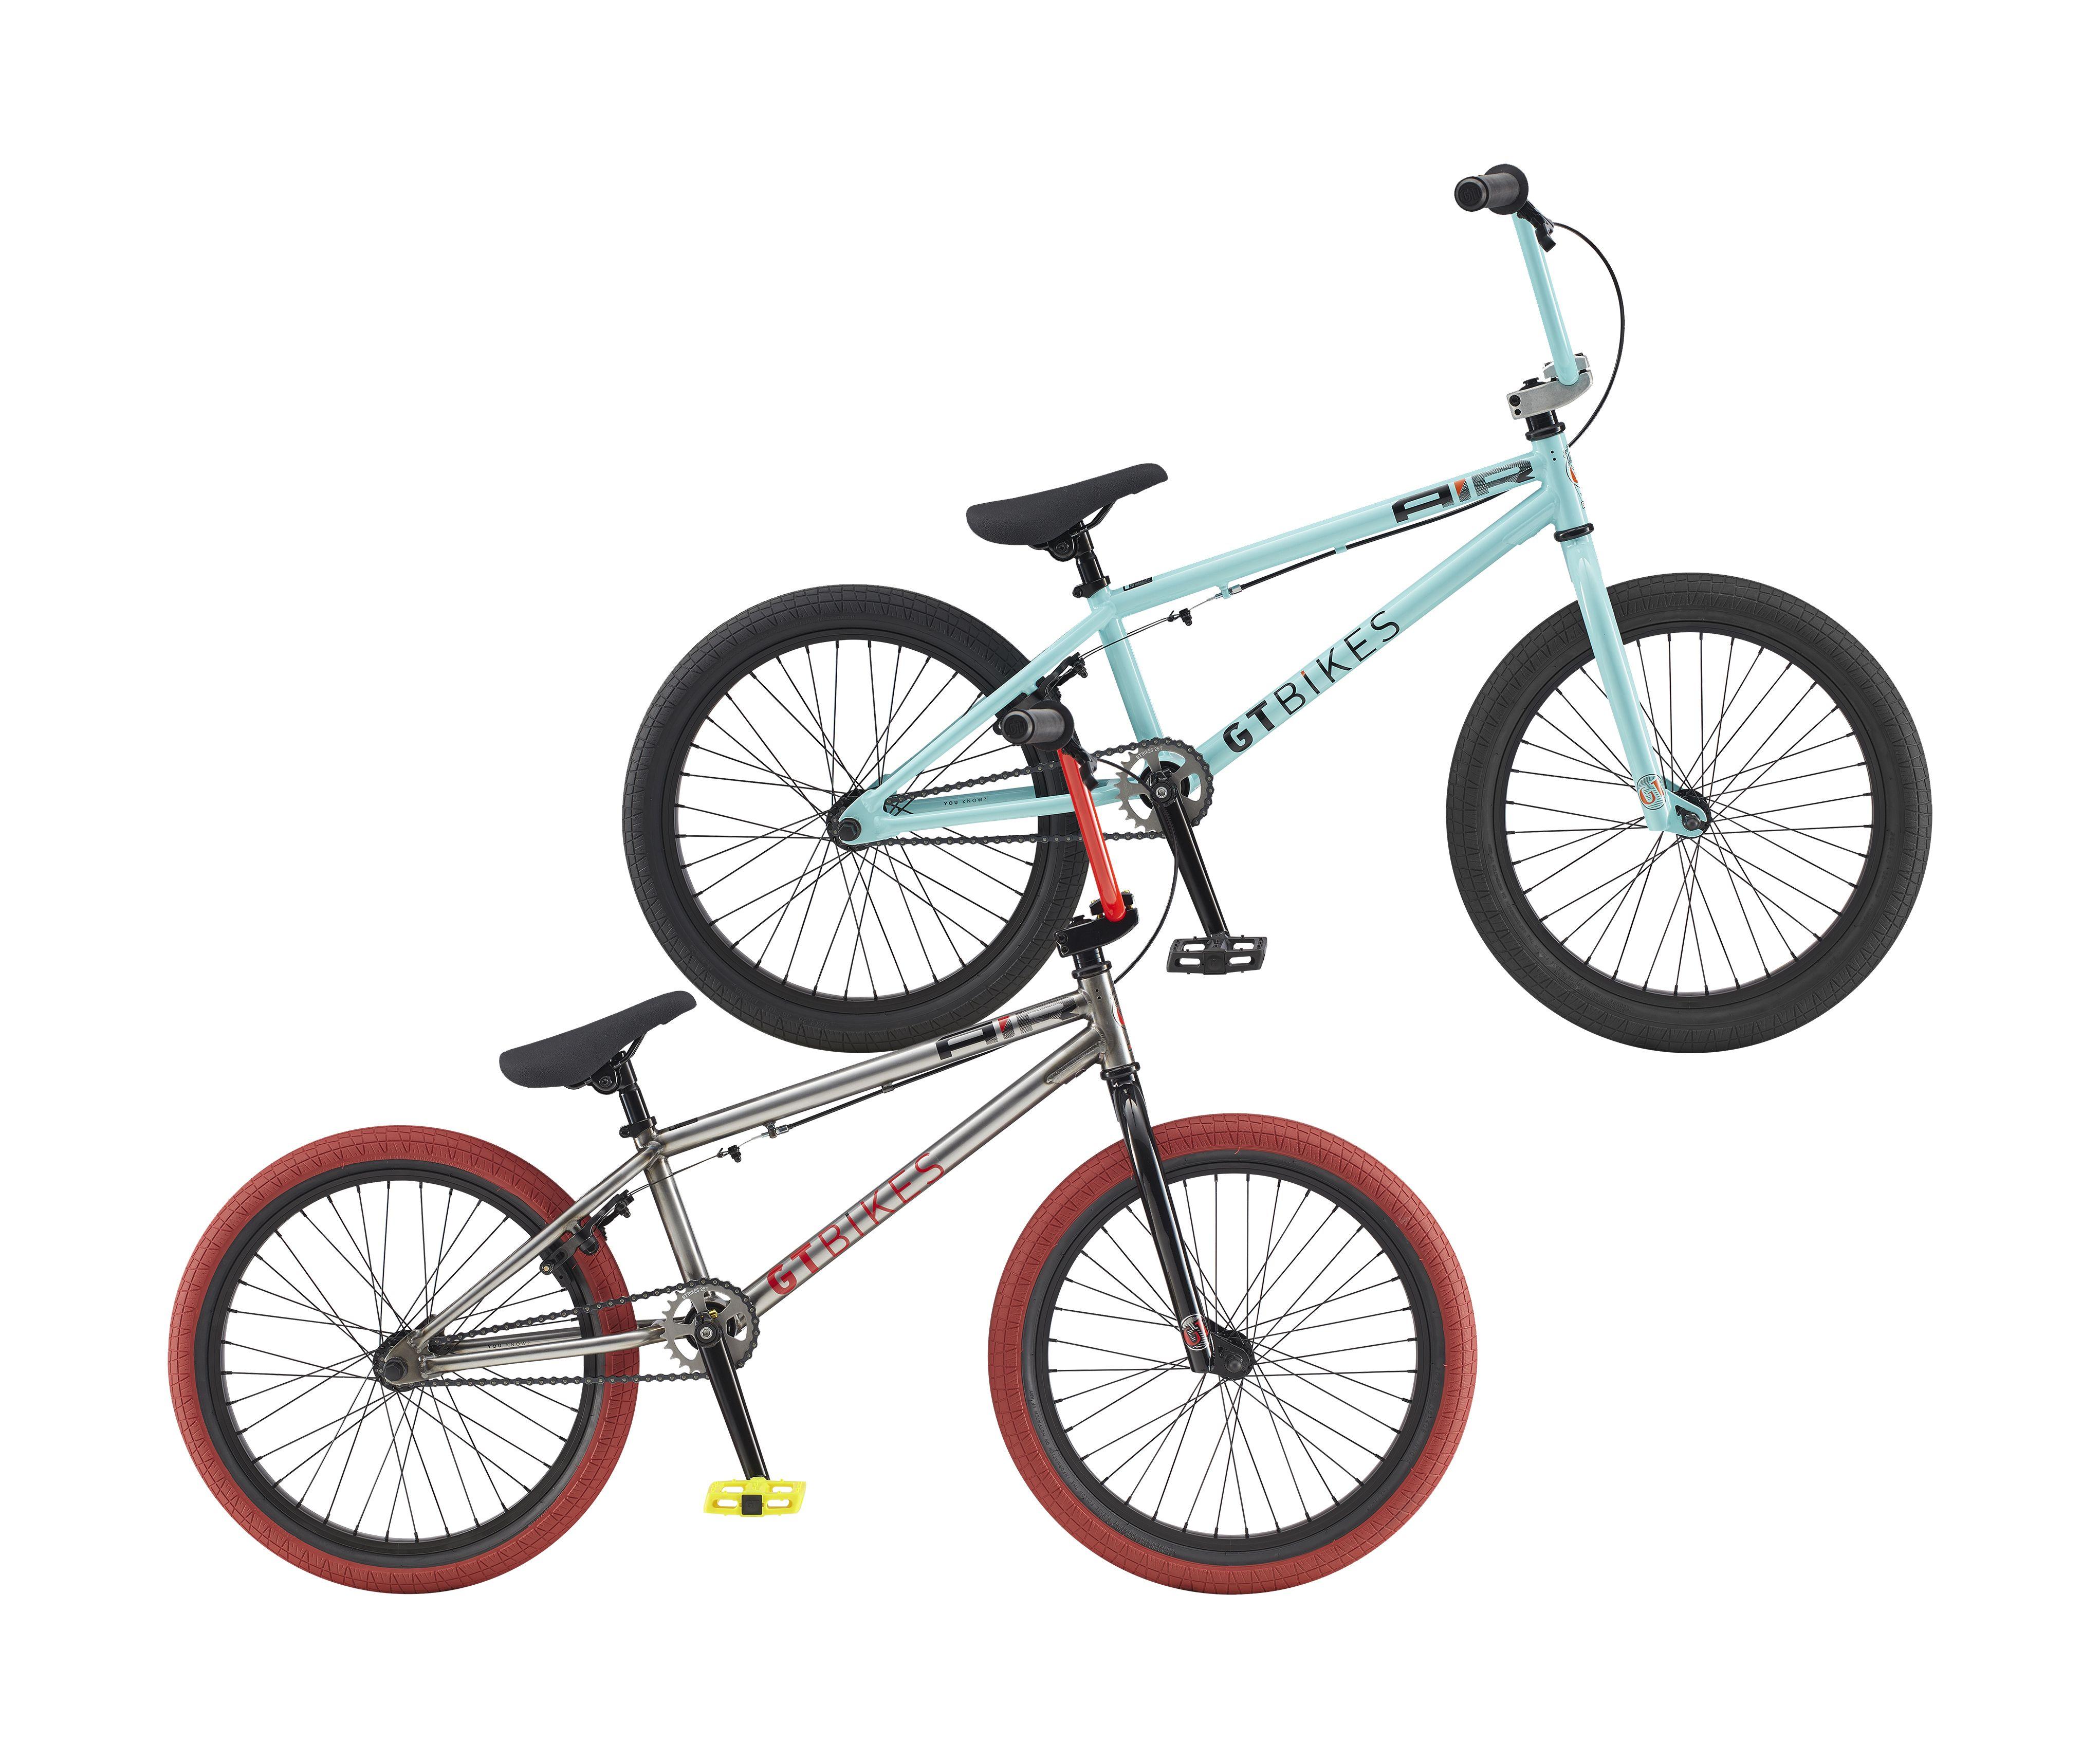 Gt Air Bmx Bike 2020 | BMX